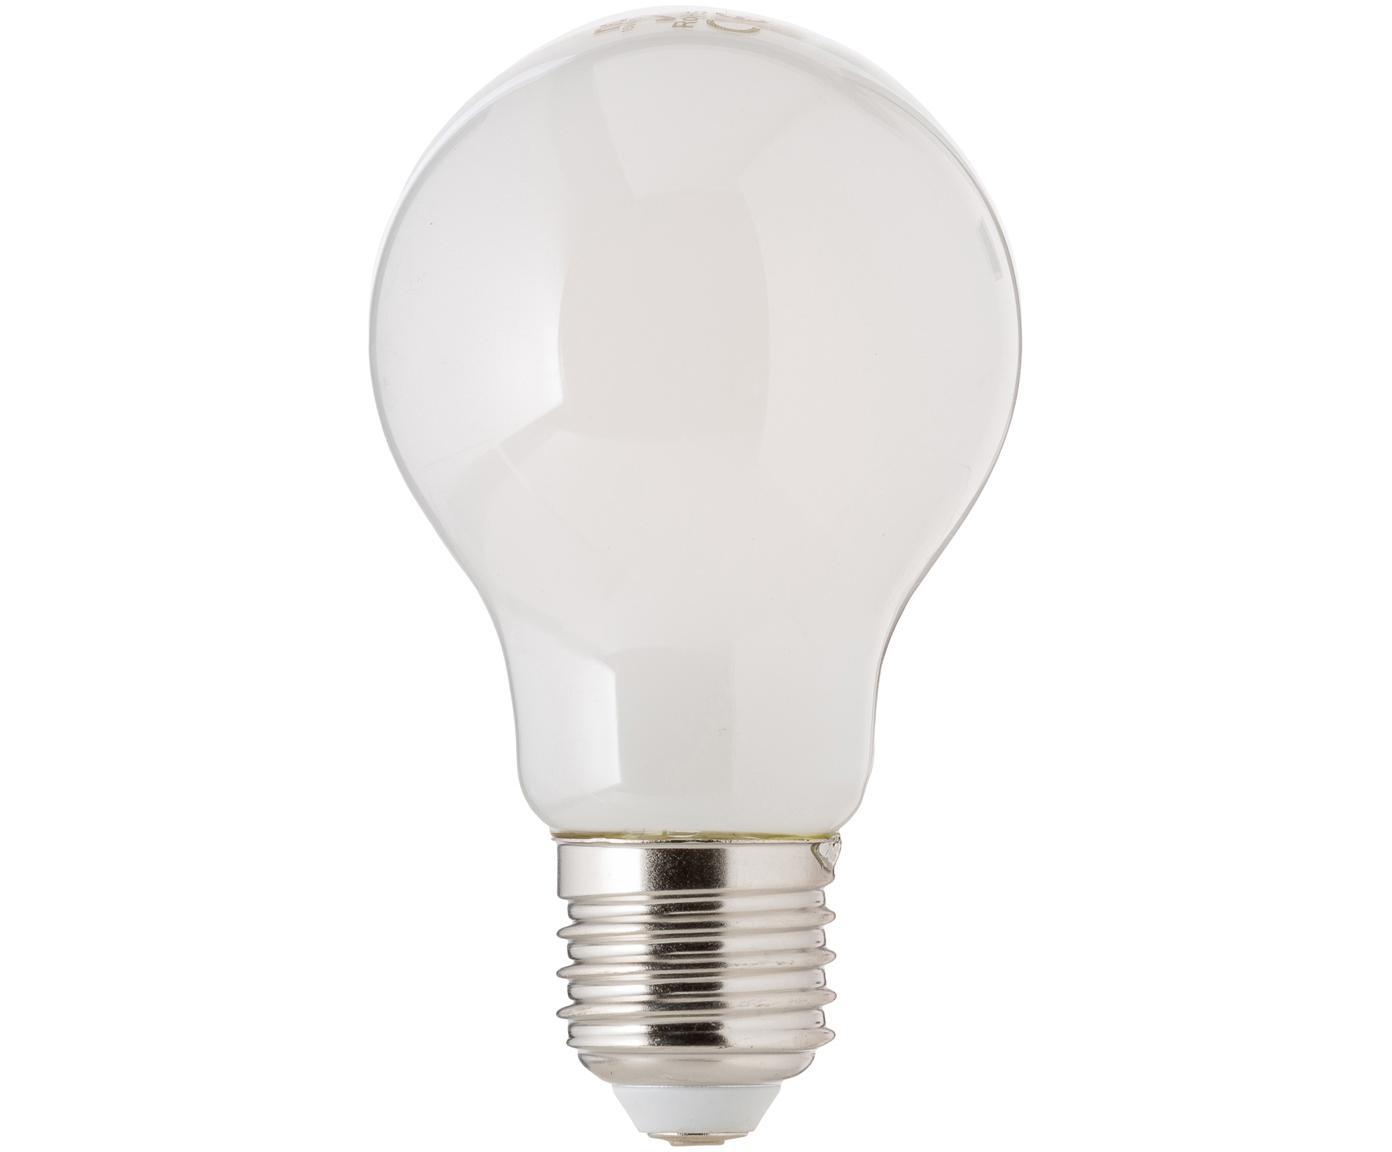 Dimmbares LED Leuchtmittel Bafa (E27/8W), Leuchtmittelschirm: Kunststoff, Leuchtmittelfassung: Aluminium, Weiss, Ø 8 x H 10 cm